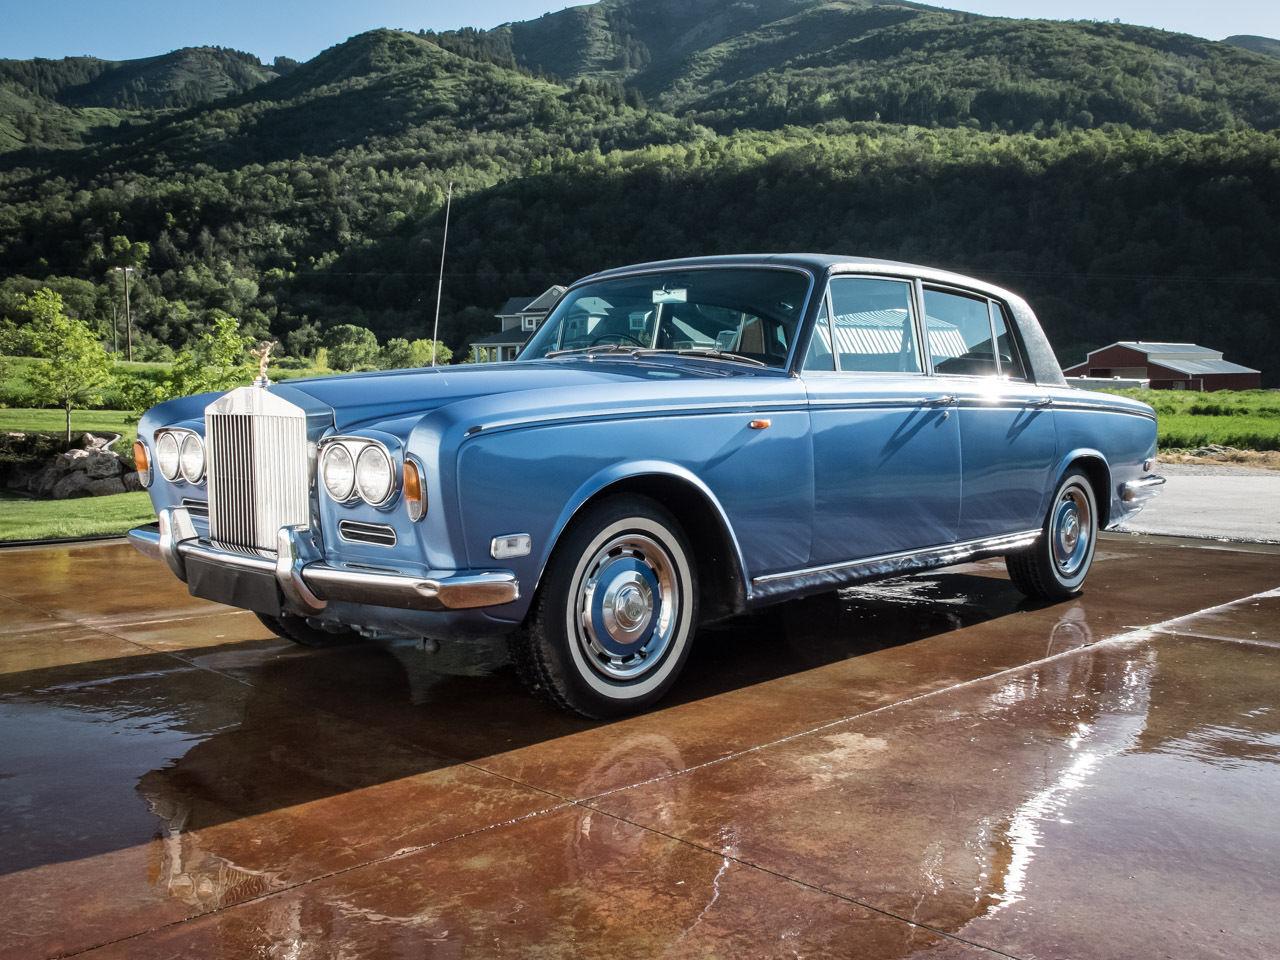 1969 Rolls Royce Silver Shadow Lwb Classic Rolls Royce